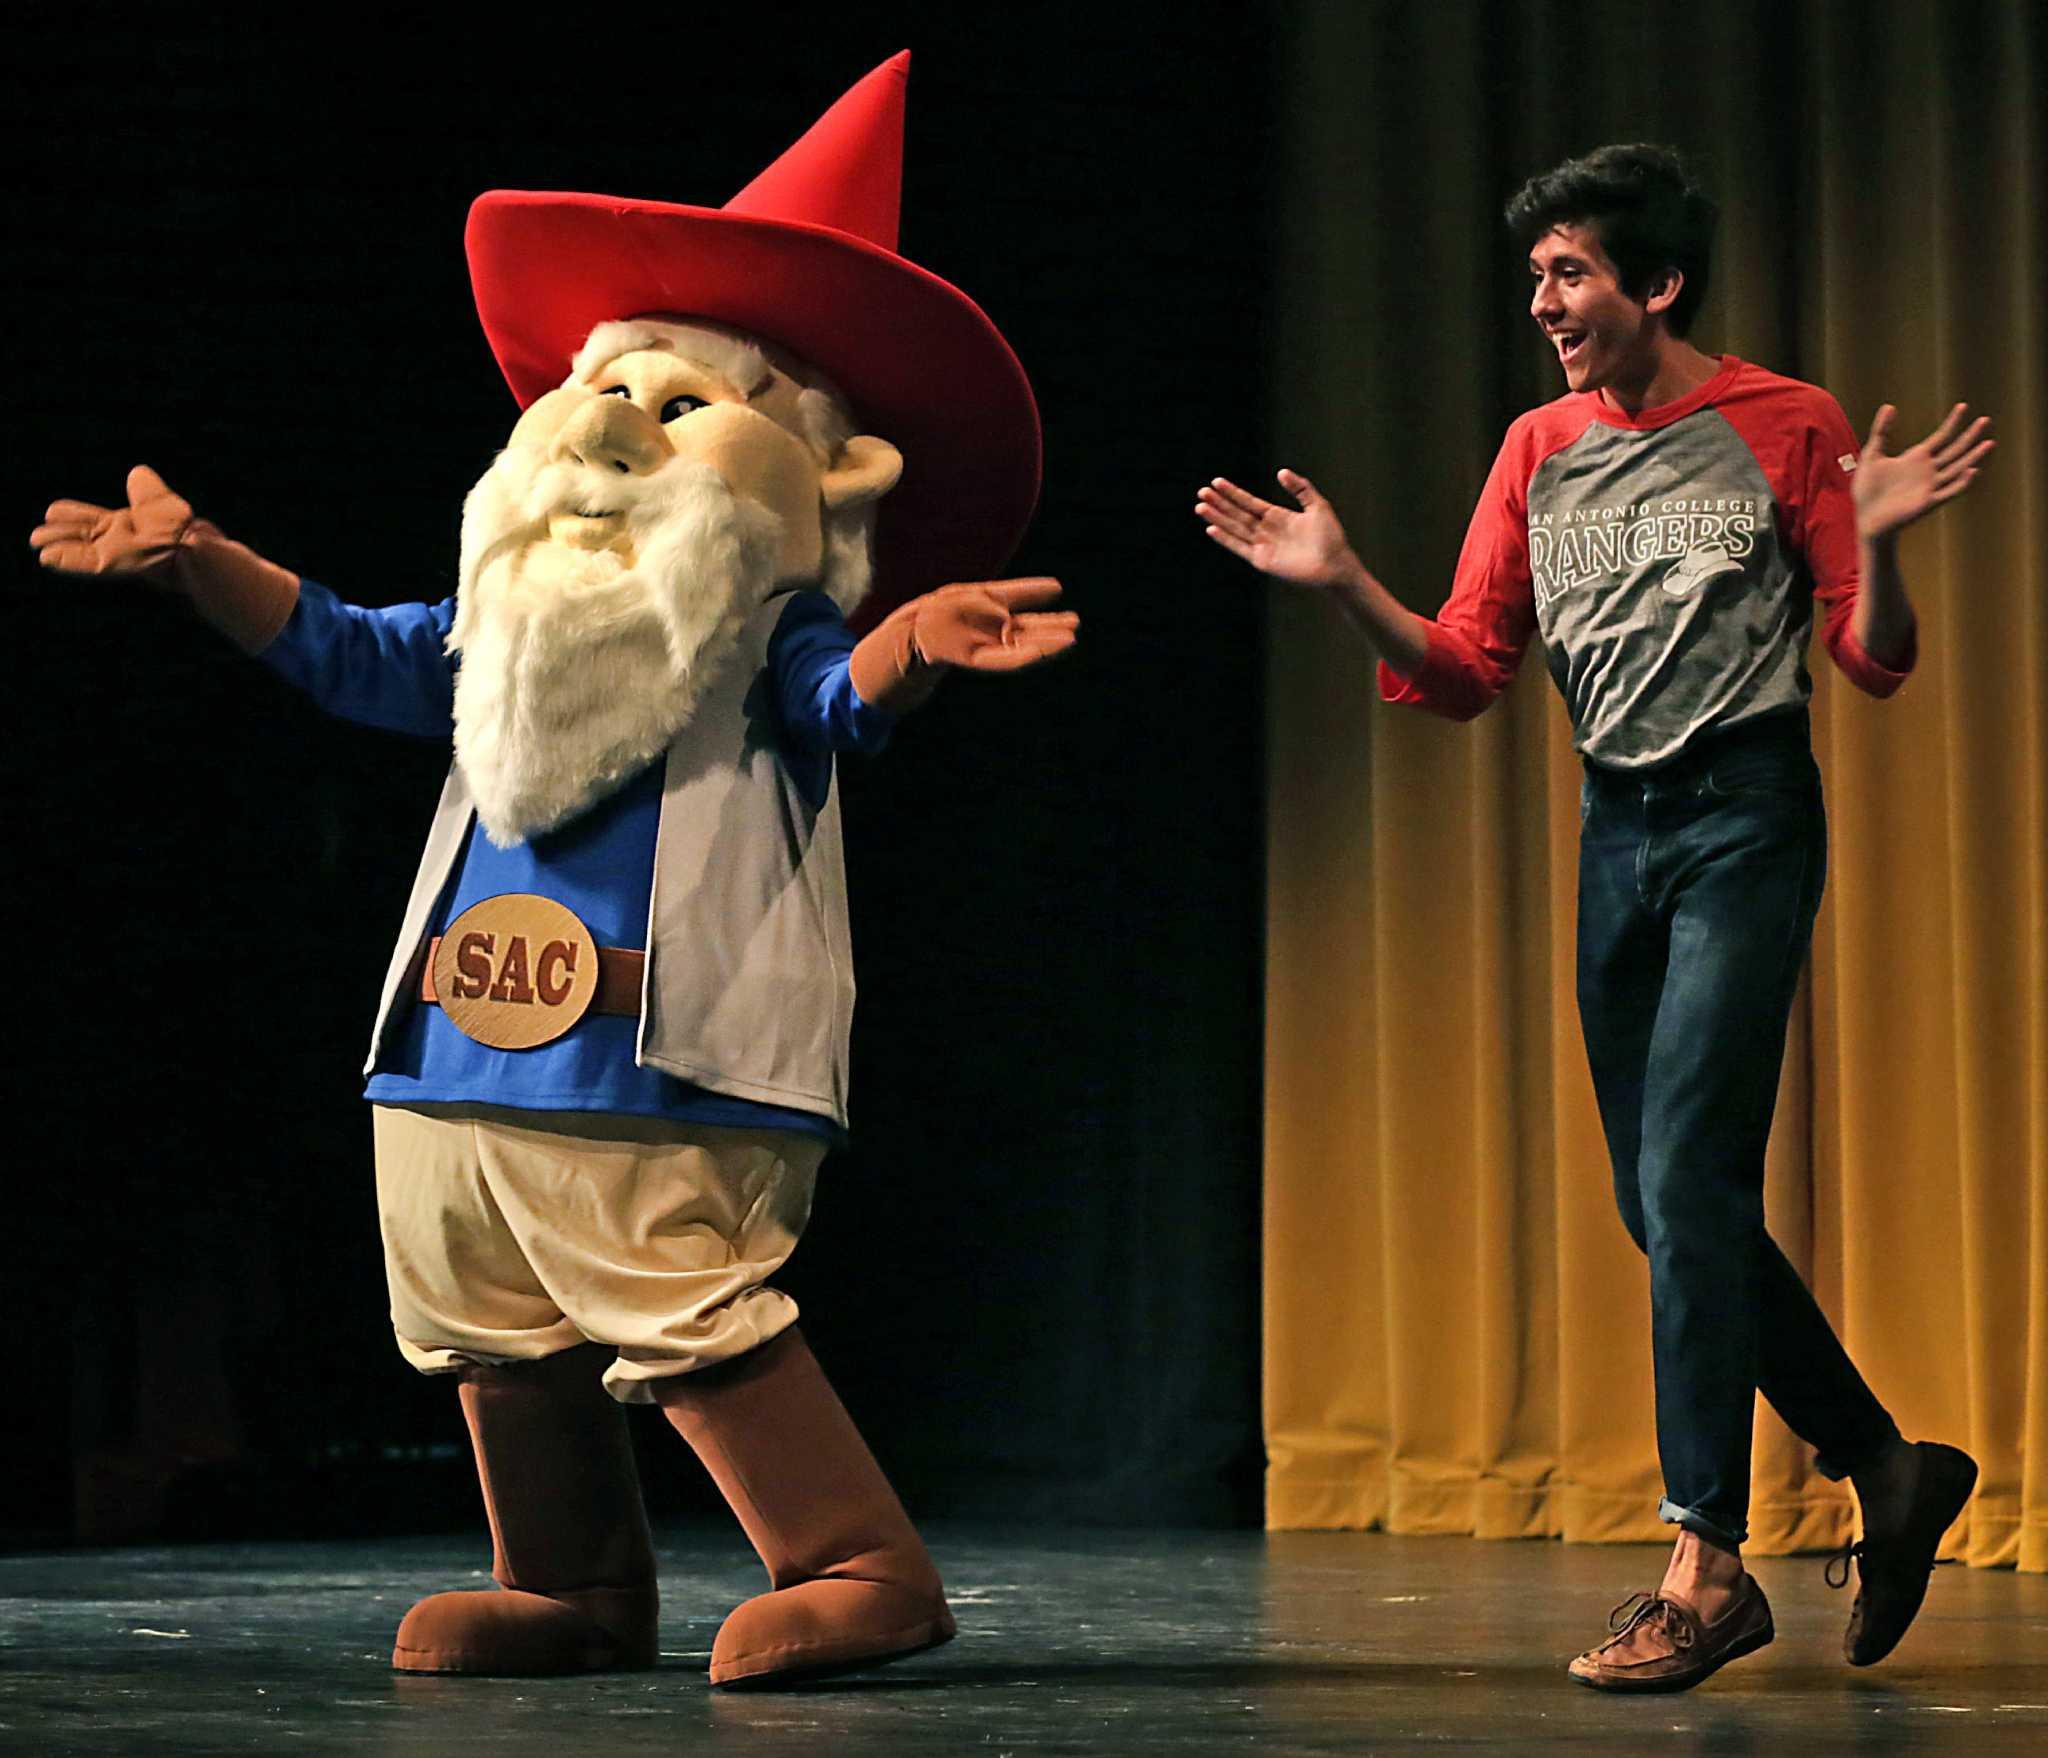 San Antonio College Gnome Ranger Mascot Infiltrates Campus